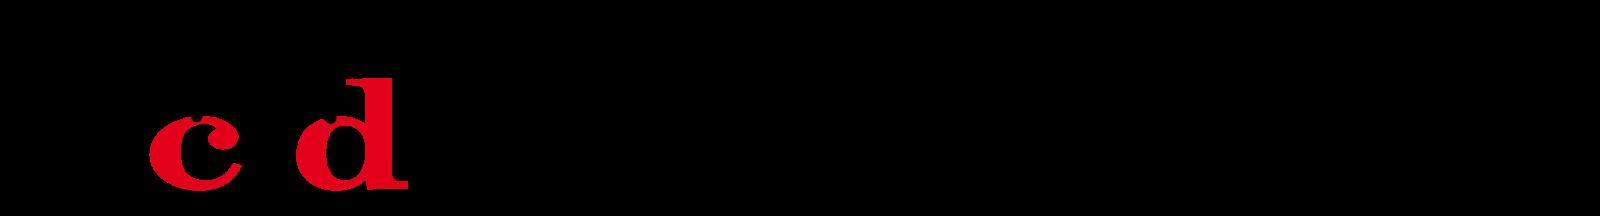 Acid Black Cherry の透過文字ロゴ